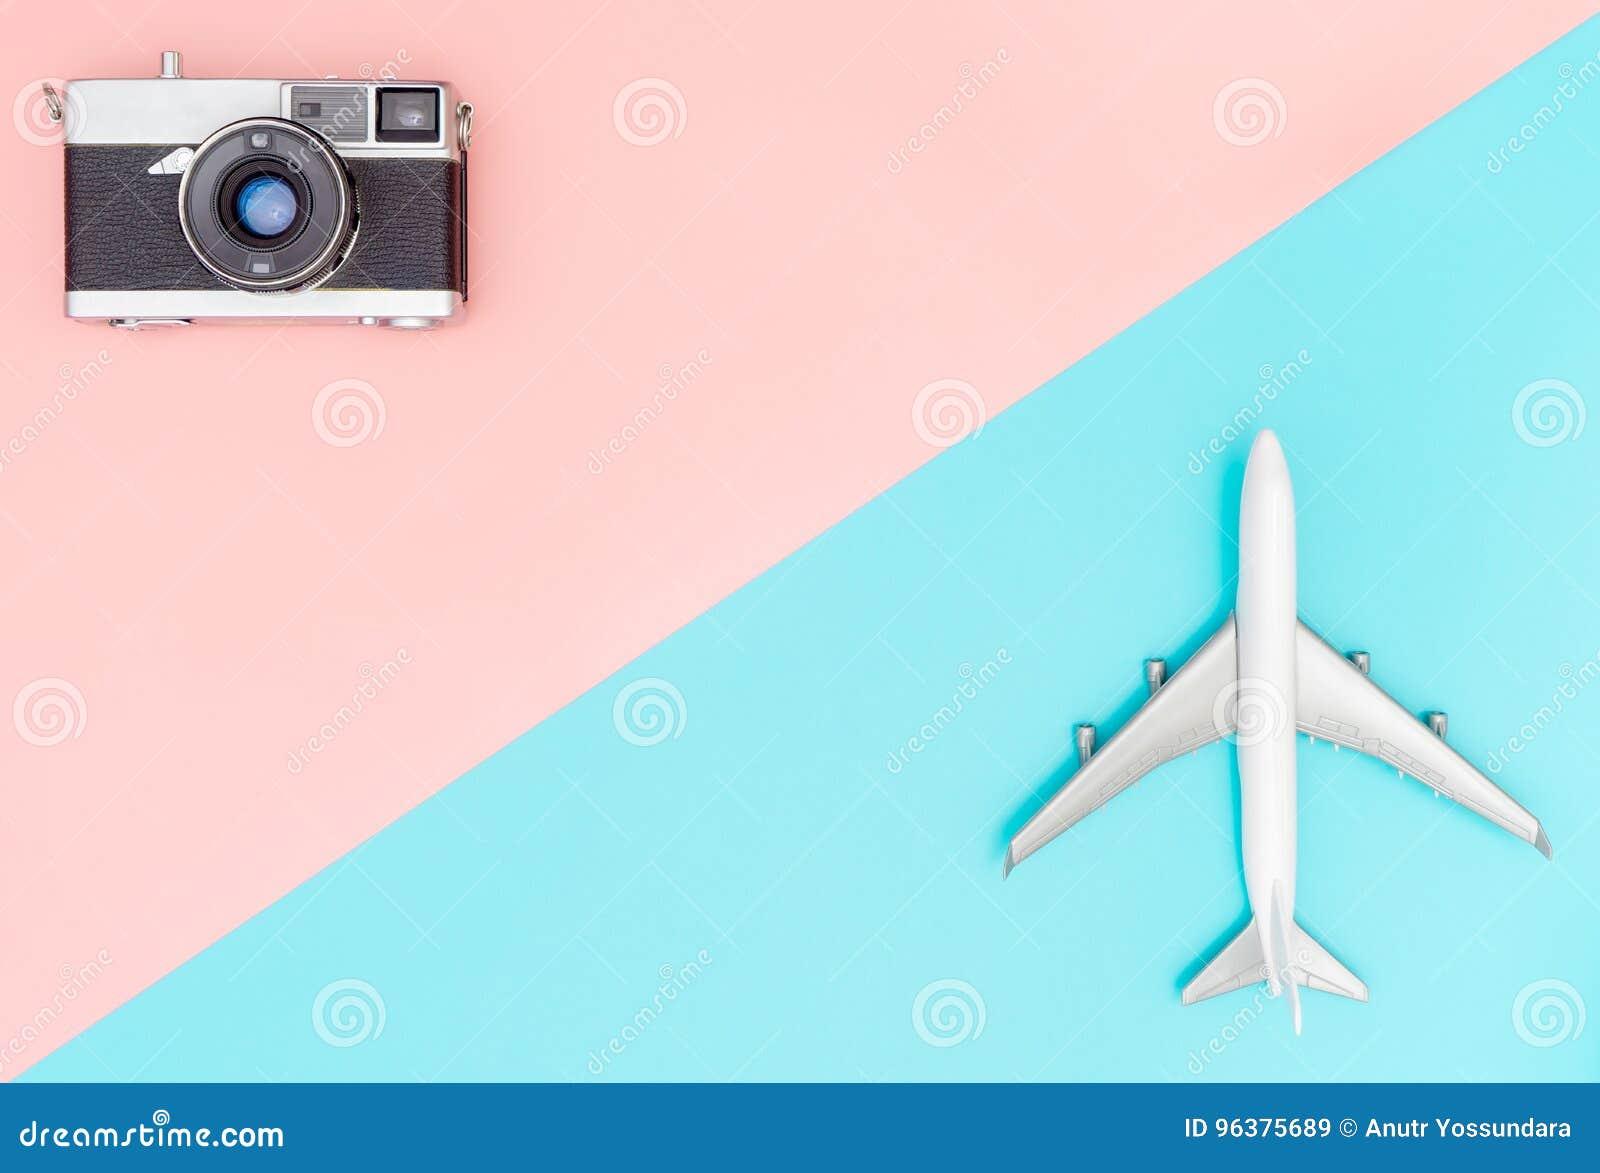 Stuk speelgoed vliegtuig en camera op roze en blauwe achtergrond